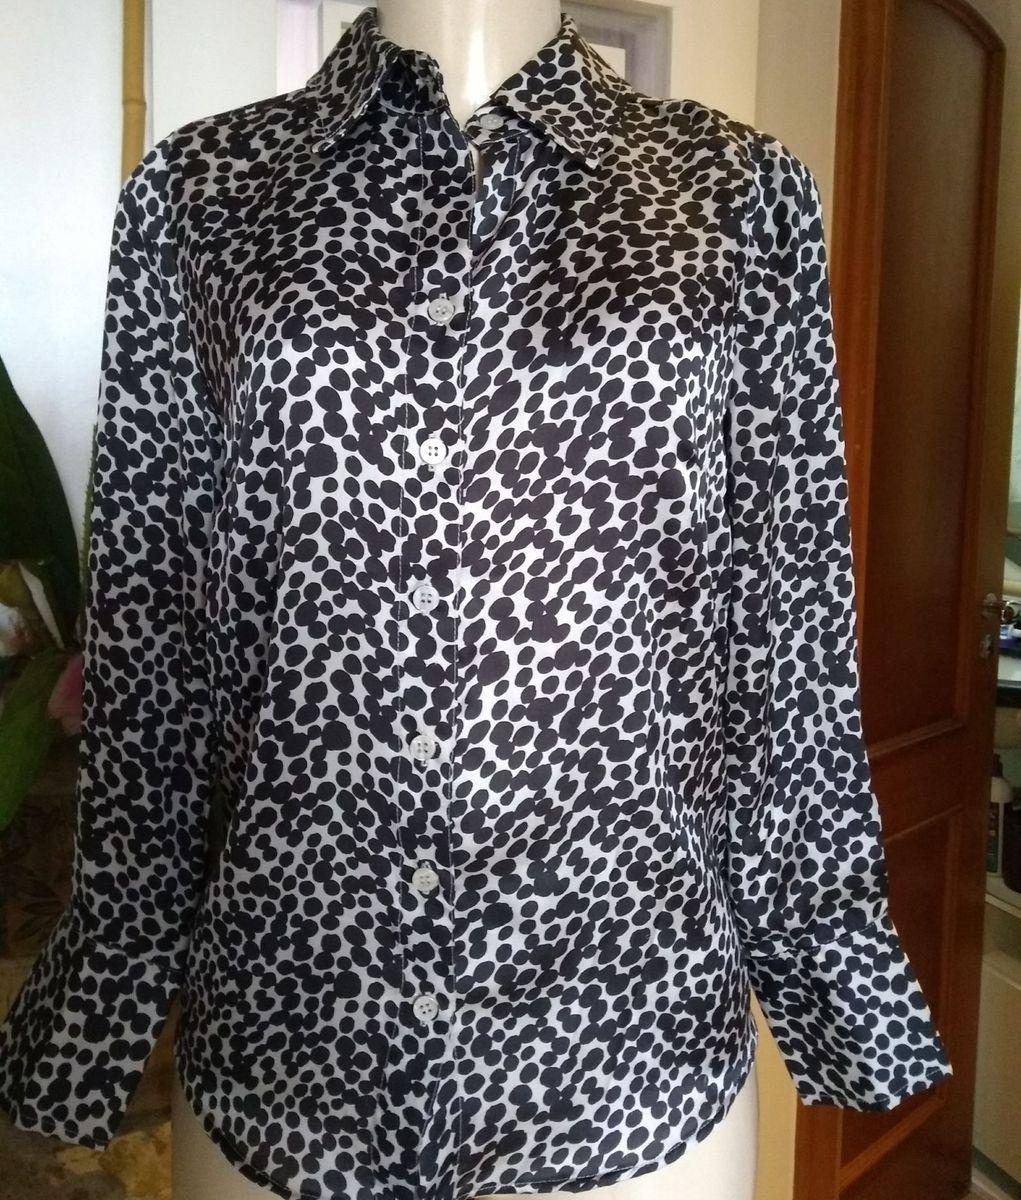 655716db46 camisa social bolinhas preta - camisas sparrow.  Czm6ly9wag90b3muzw5qb2vplmnvbs5ici9wcm9kdwn0cy82nzk3mdc1l2i2mdgzngnhyzkyndq5mwe3yjm5nzdjztewymqyowi0lmpwzw